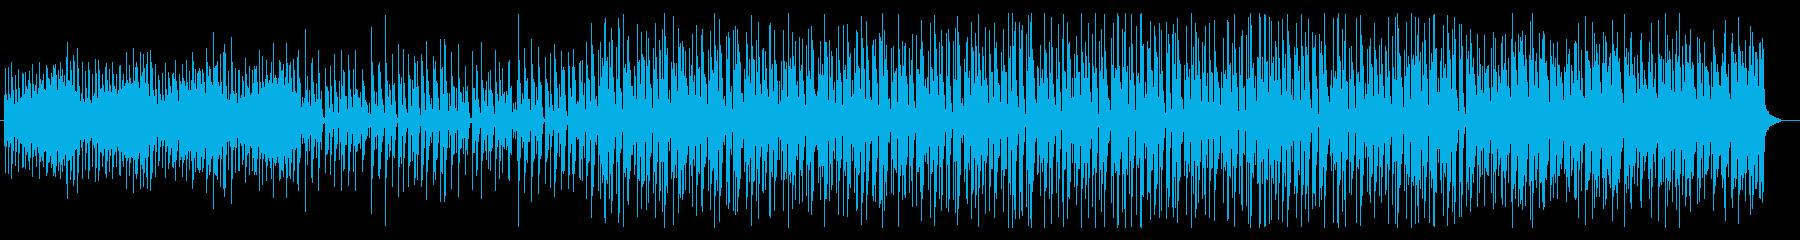 不気味な雰囲気のテクノの再生済みの波形